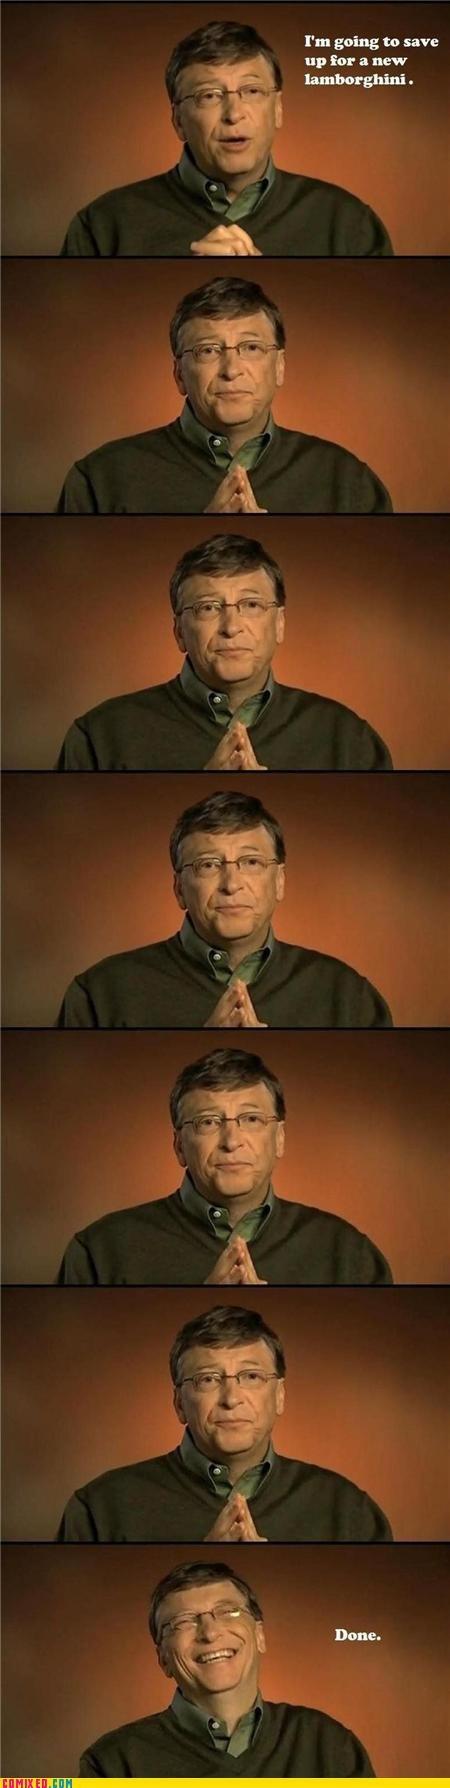 Bill Gates celebutard money rich - 5077932544